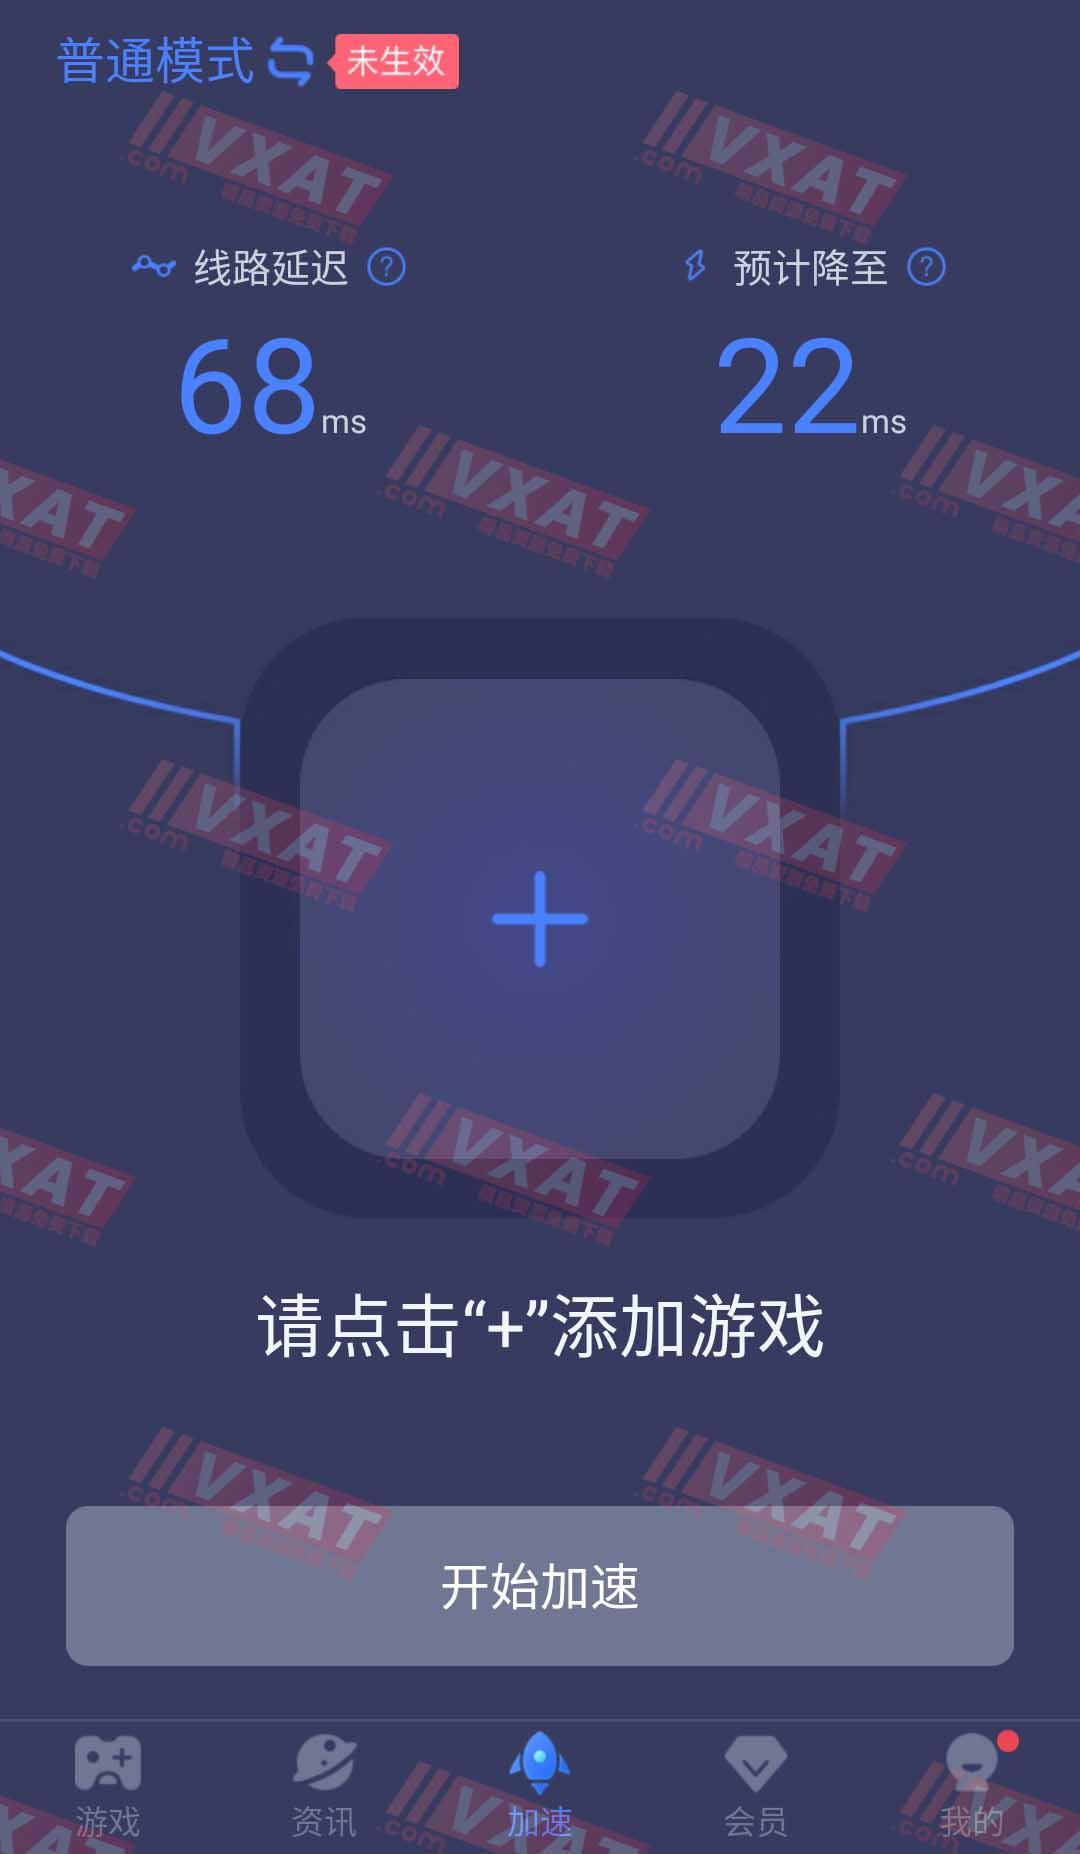 Screenshot_20201011-215143.jpg